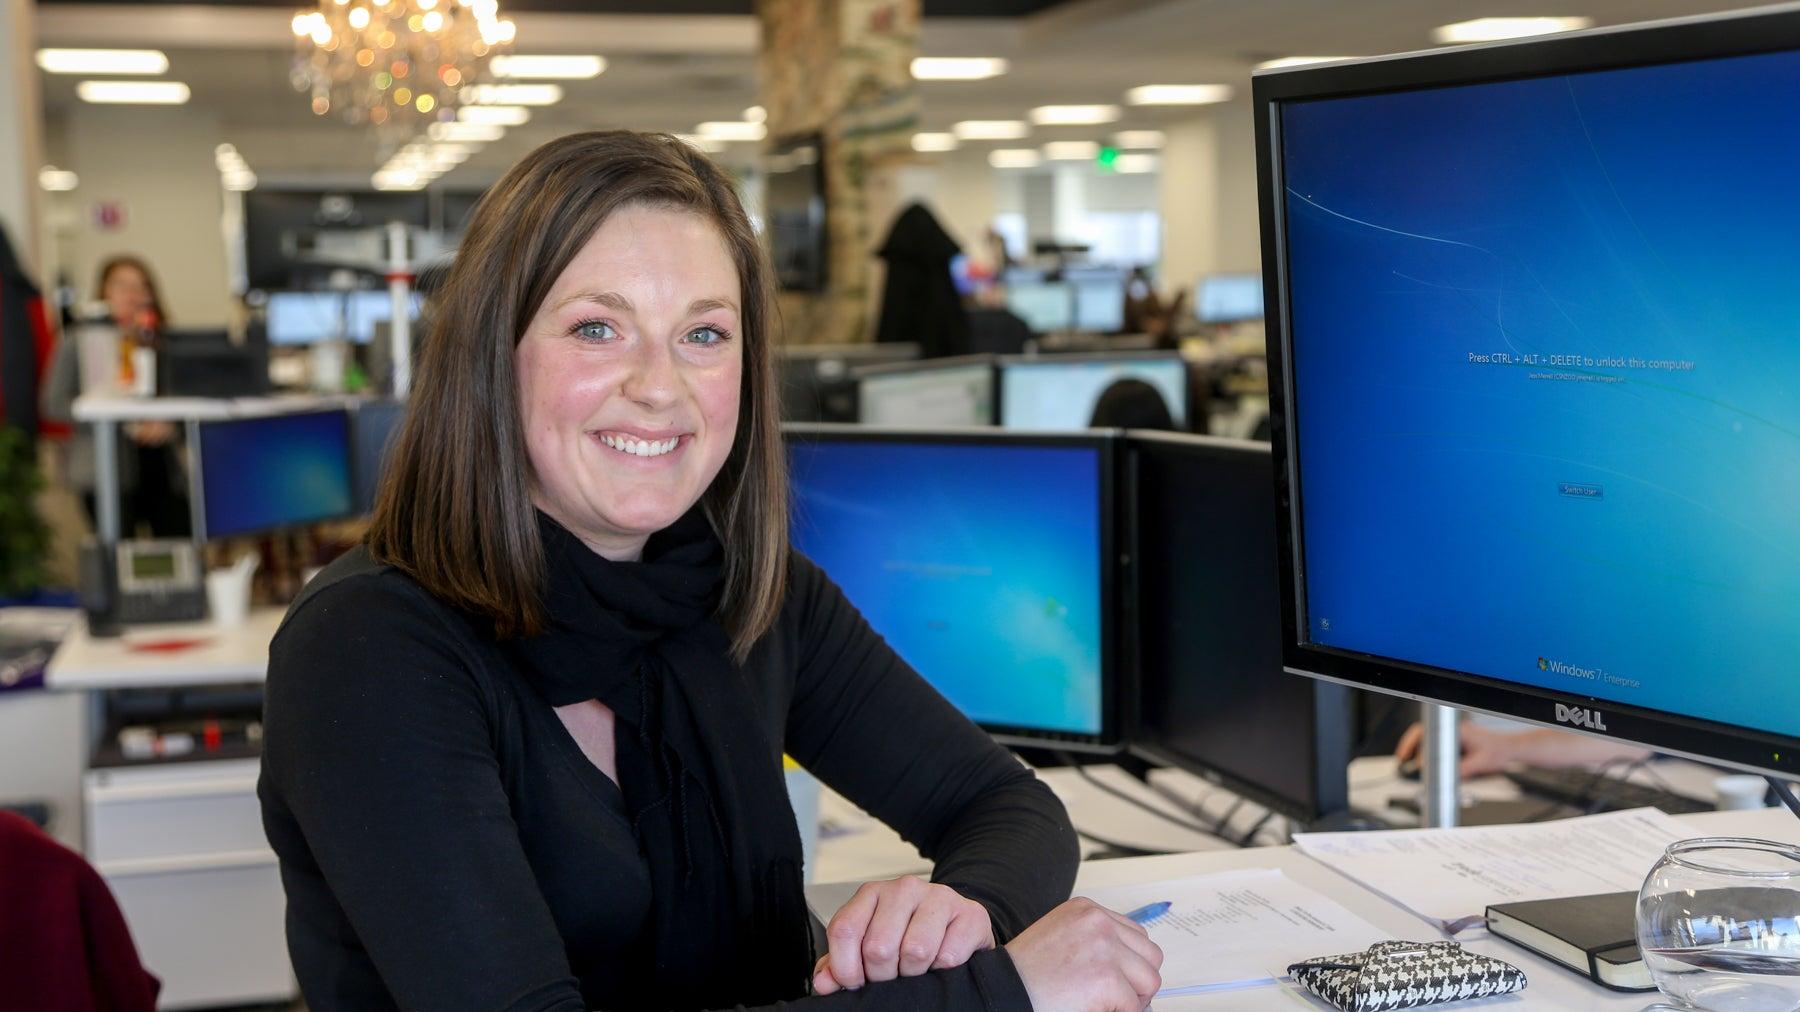 Jess Merrell first worked at Wayfair as a co-op.